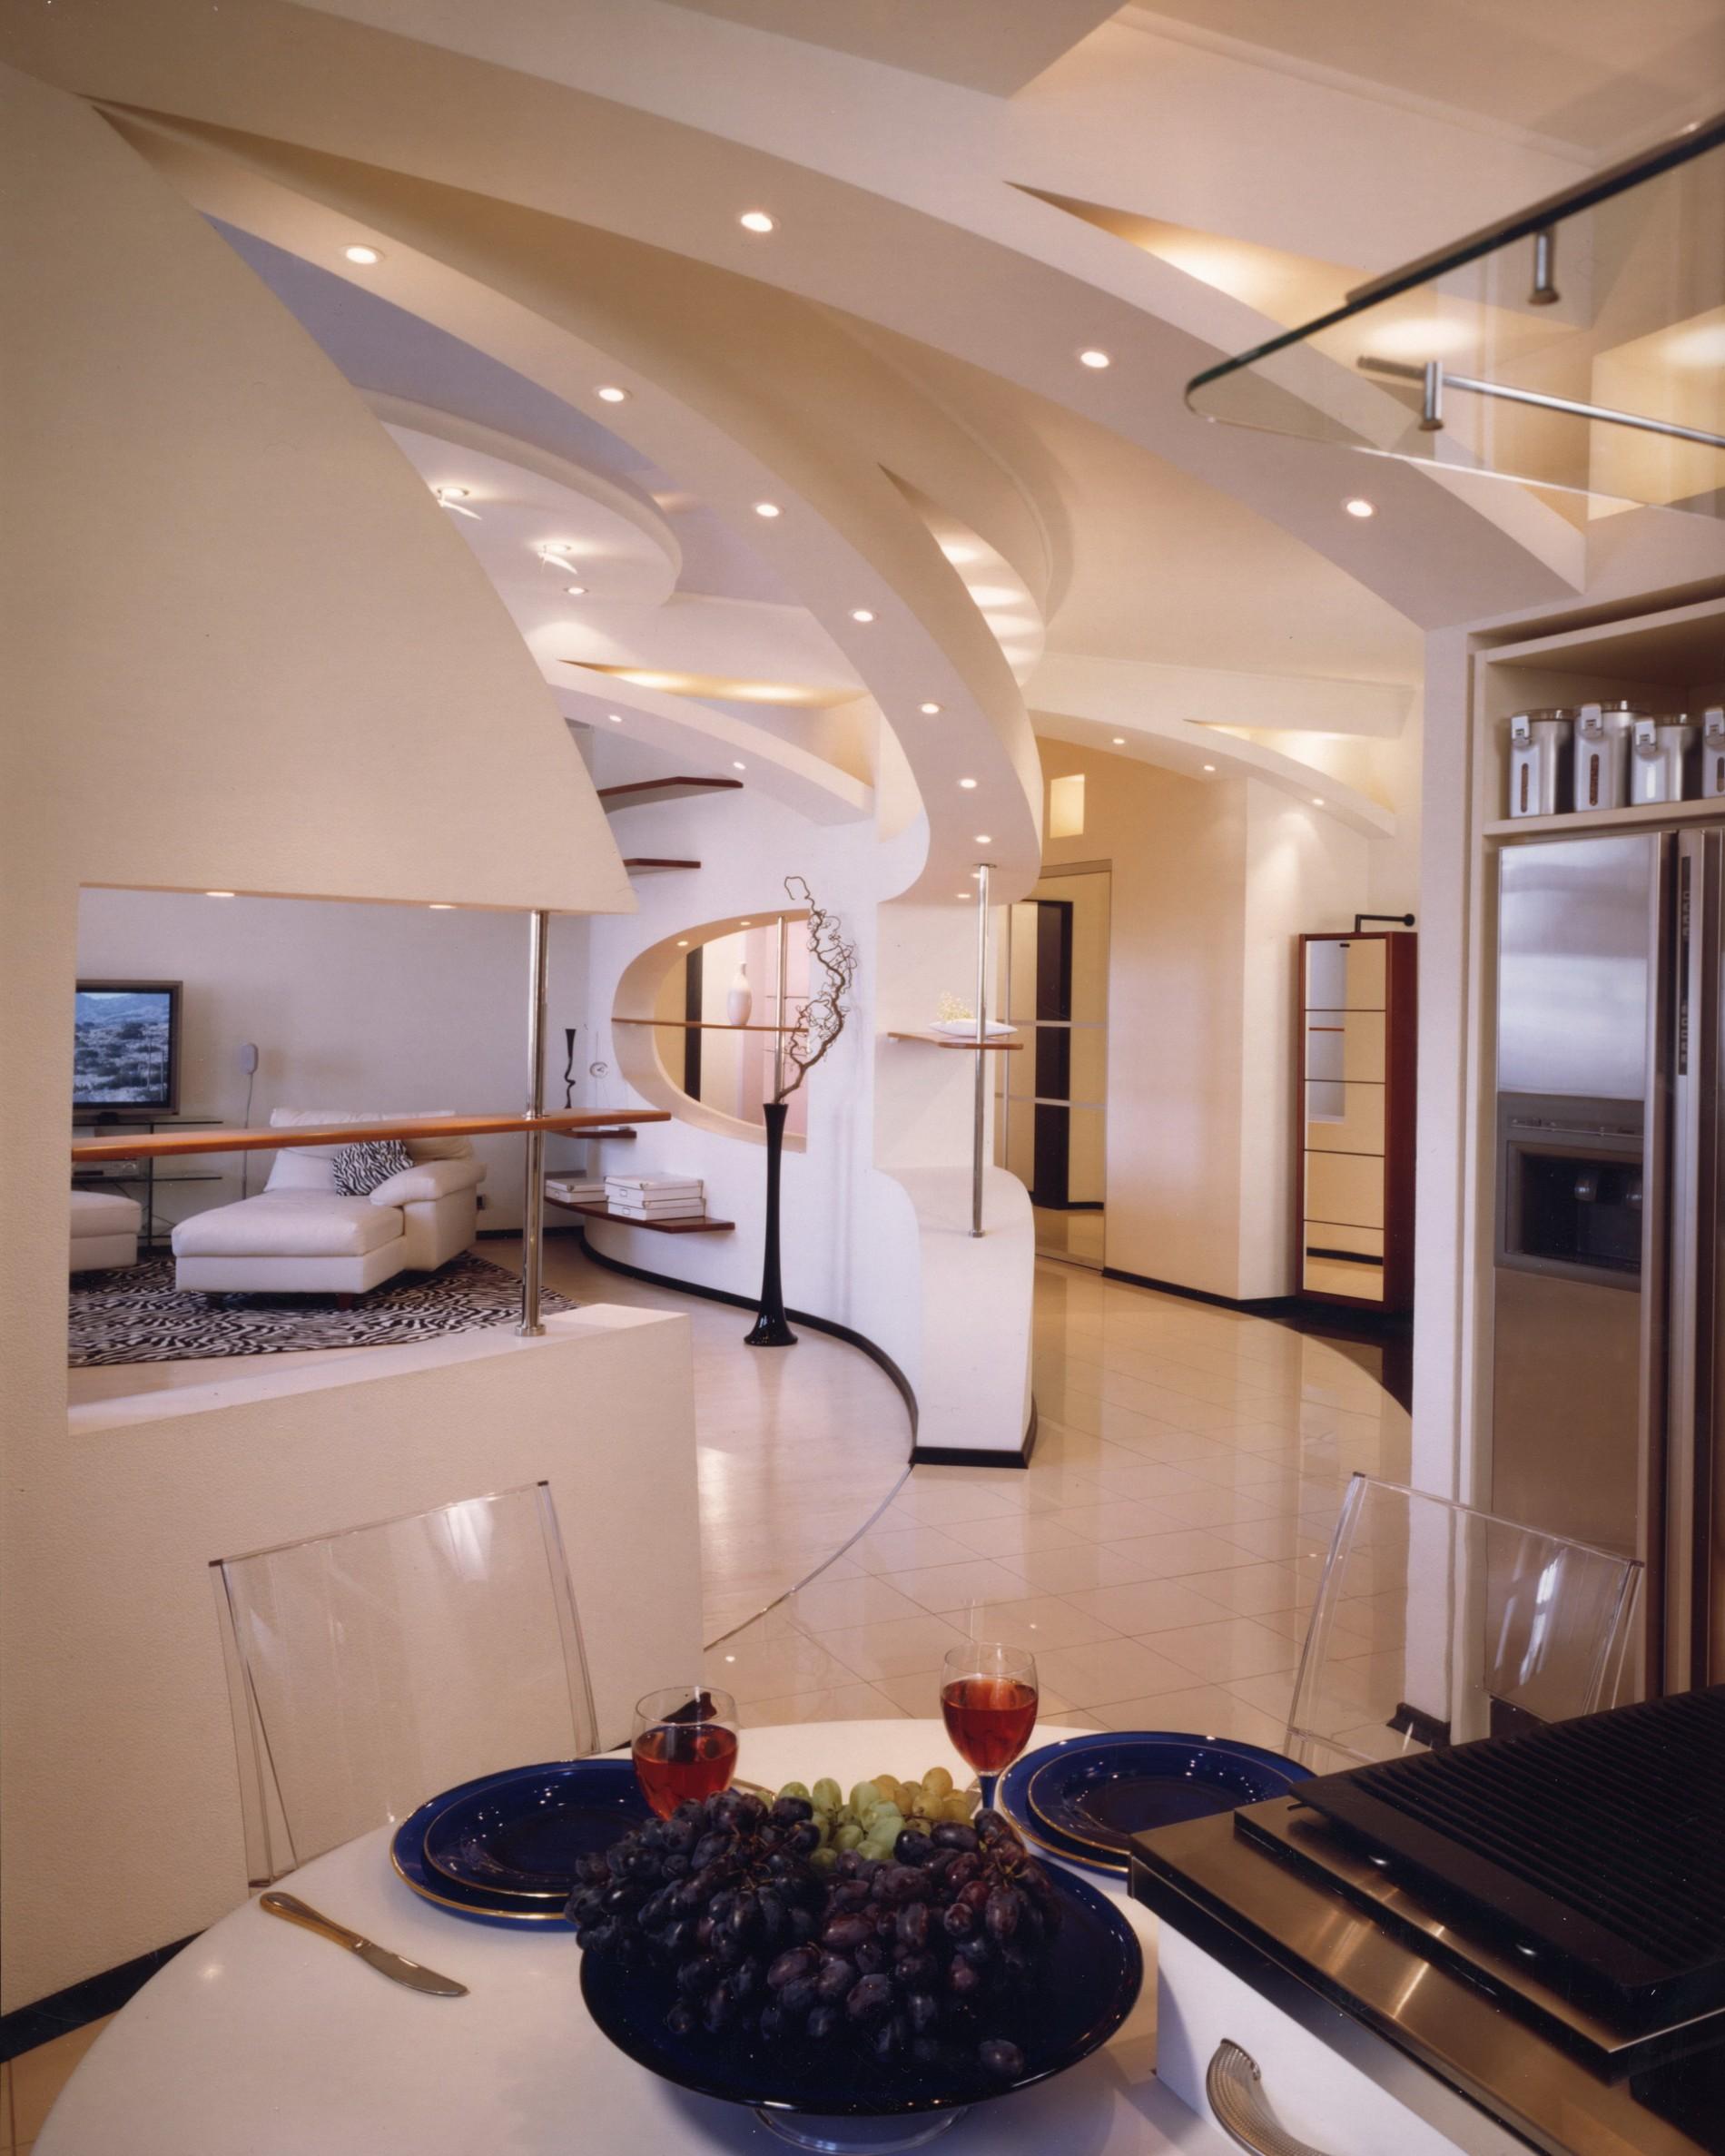 Дизайн квартиры в современном стиле с потолочными конструкциями